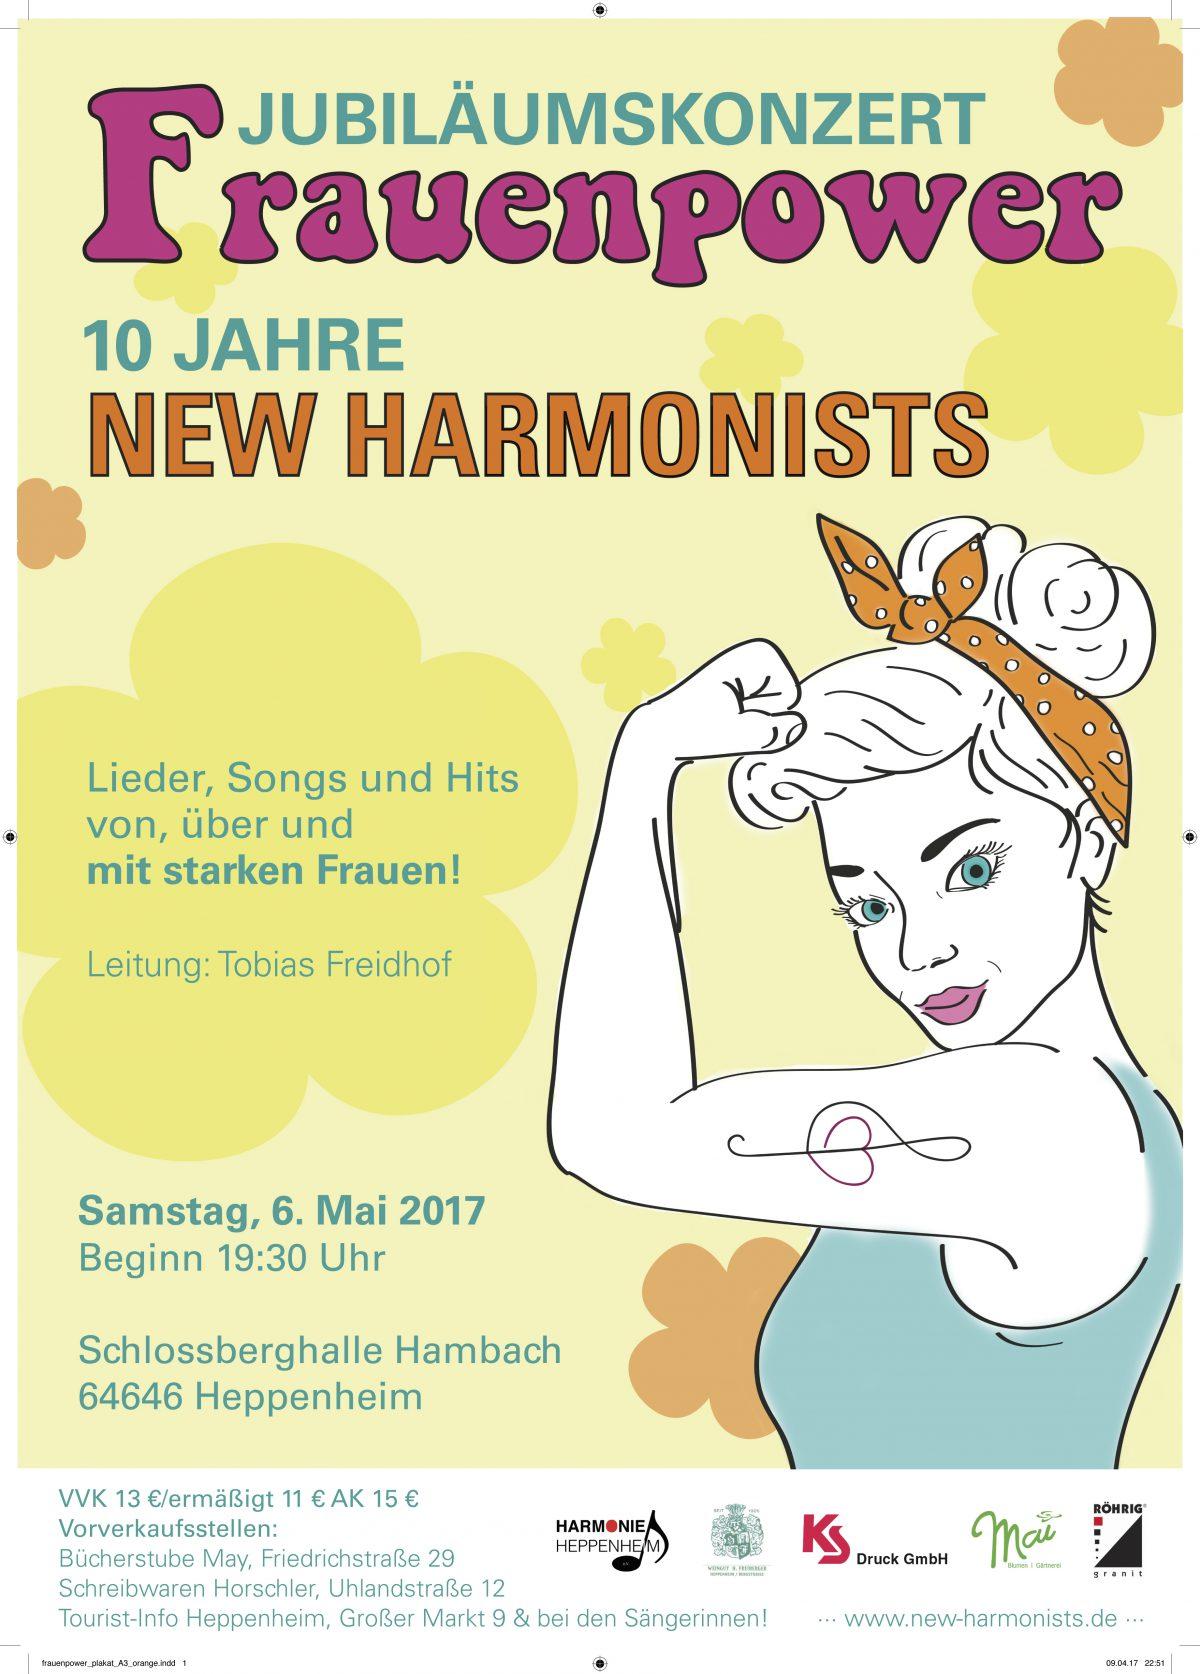 Jubiläumskonzert 10 Jahre New Harmonists 06.05.2017